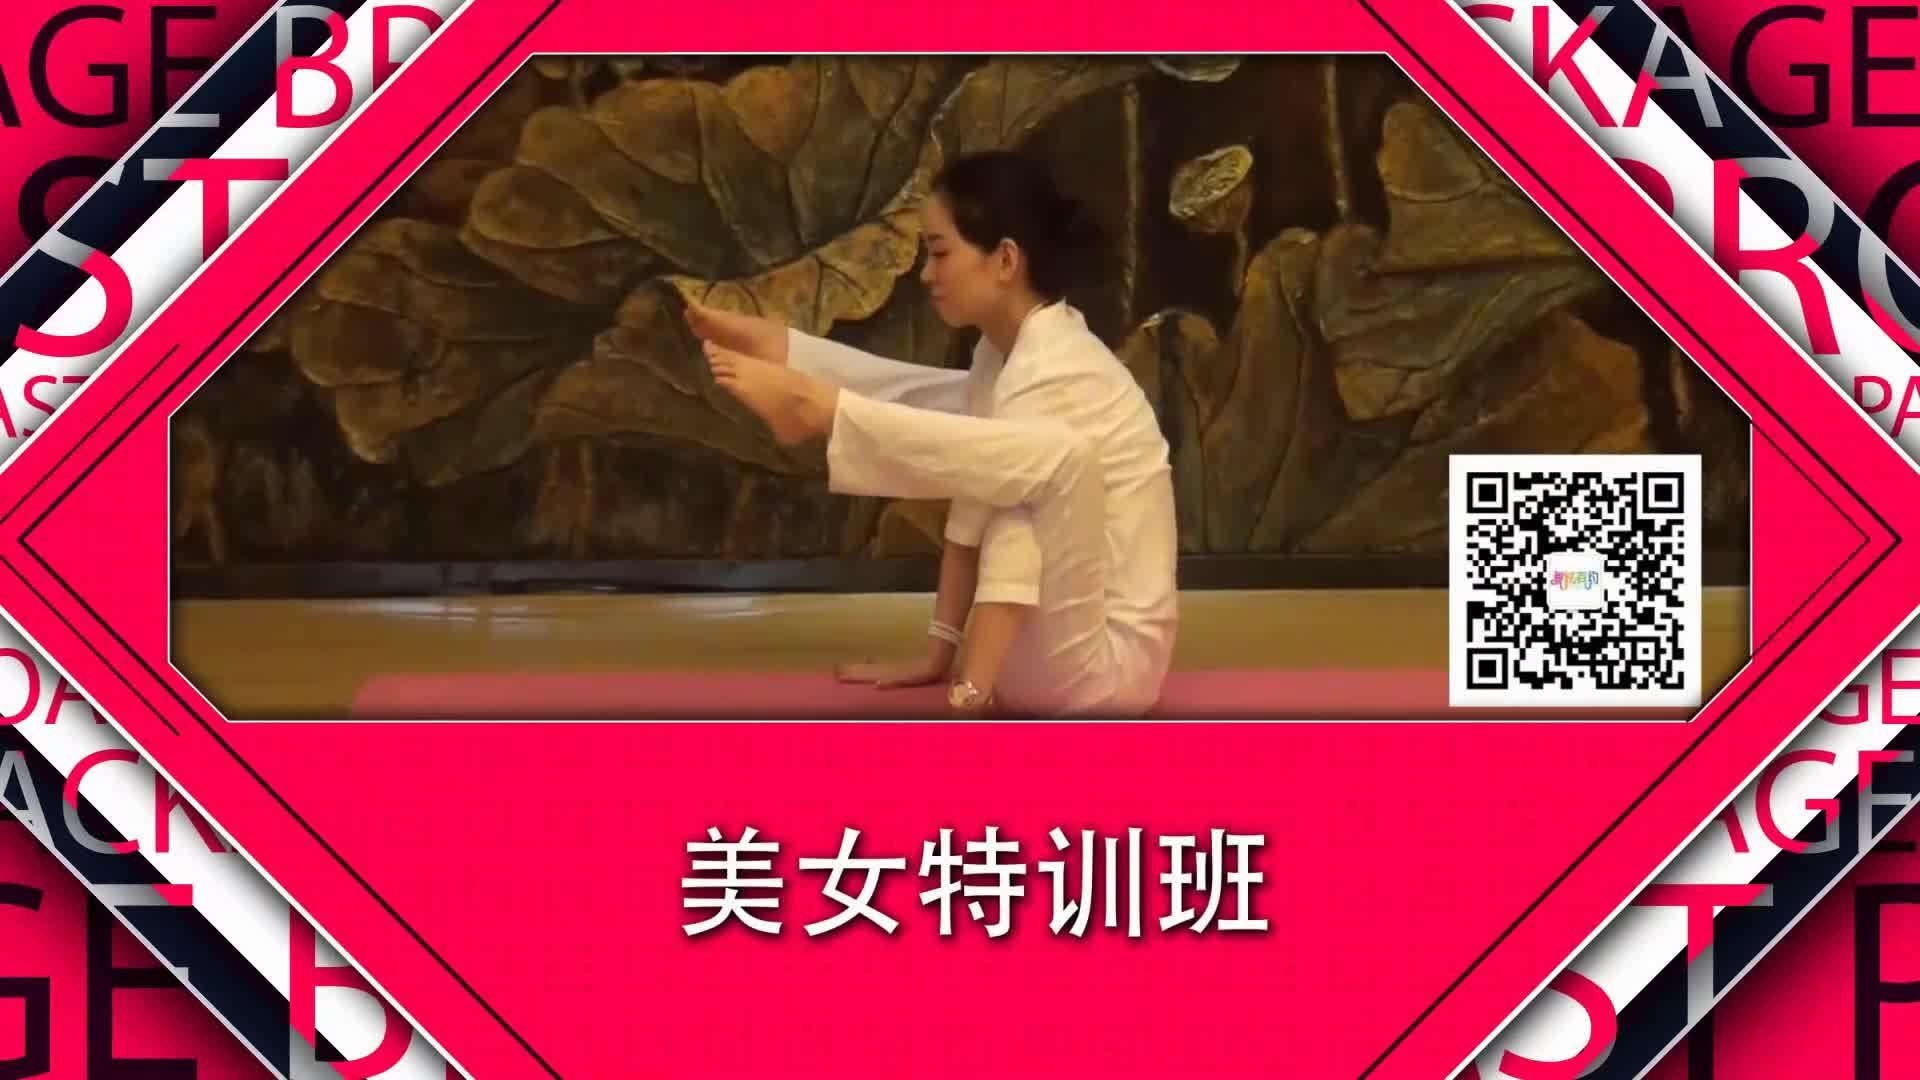 初级瑜伽,塑球瑜伽腰部训练,练练你的小蛮腰